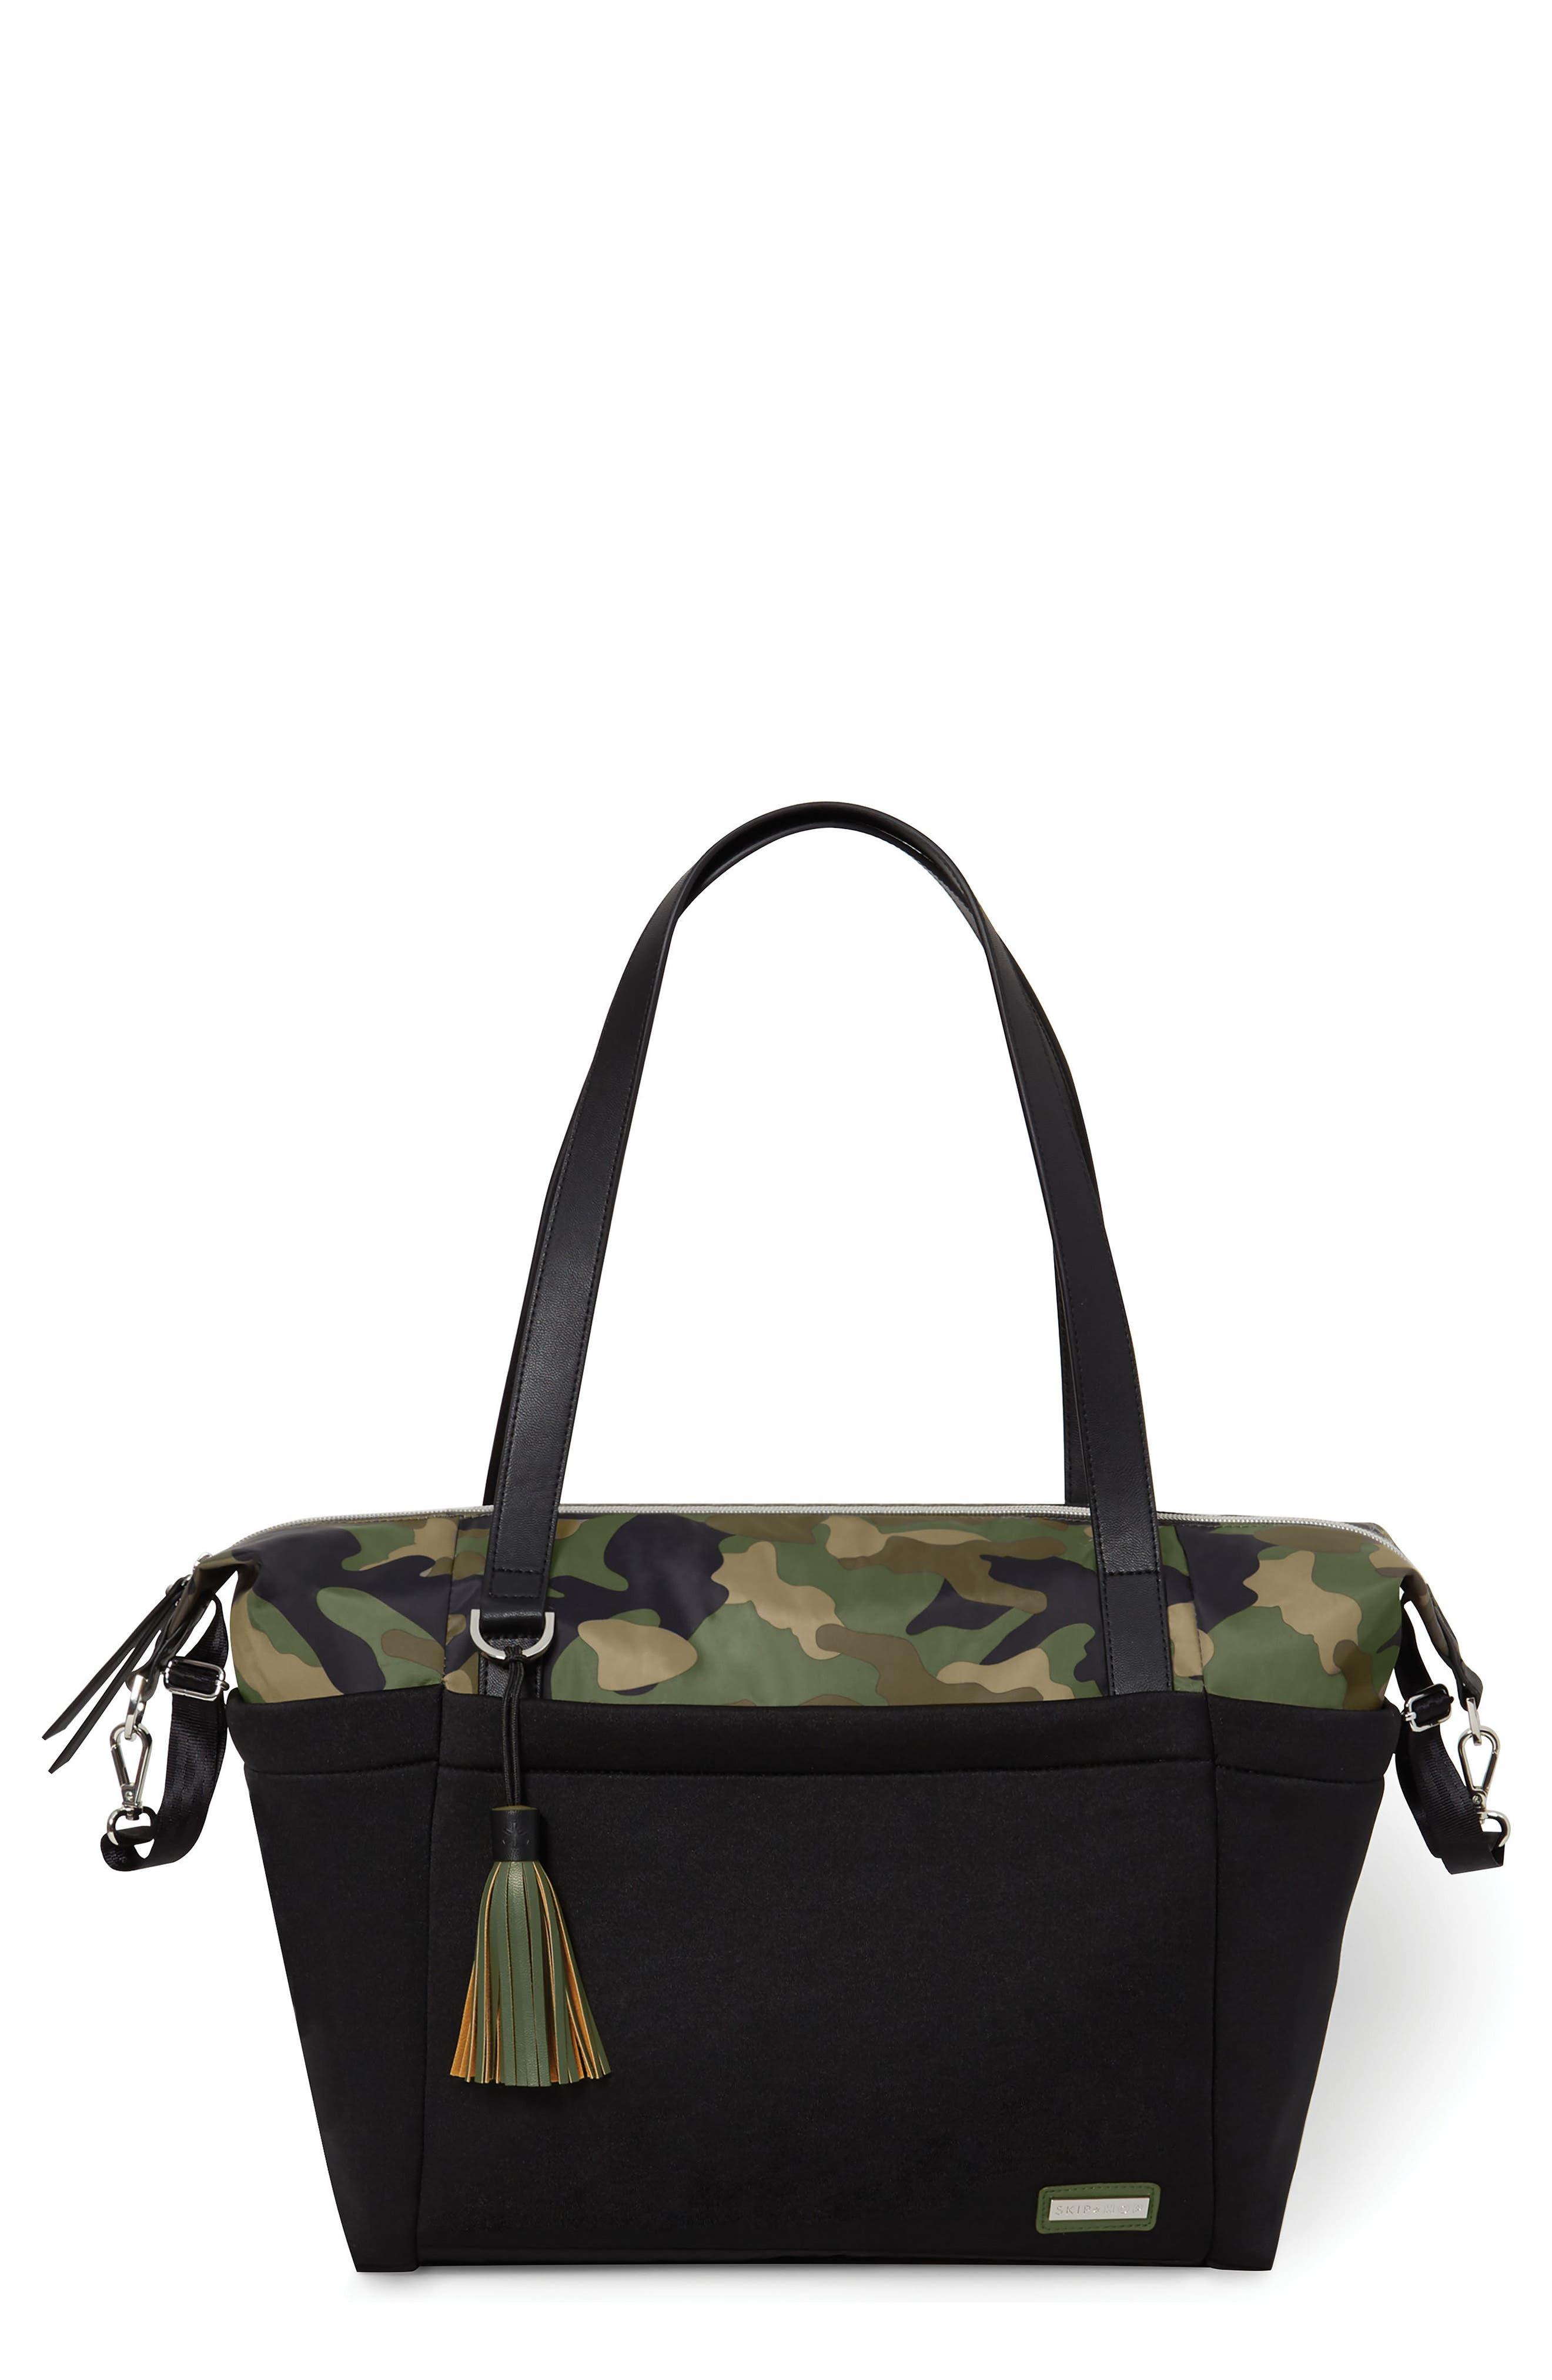 Skip Hop Nolita Diaper Bag